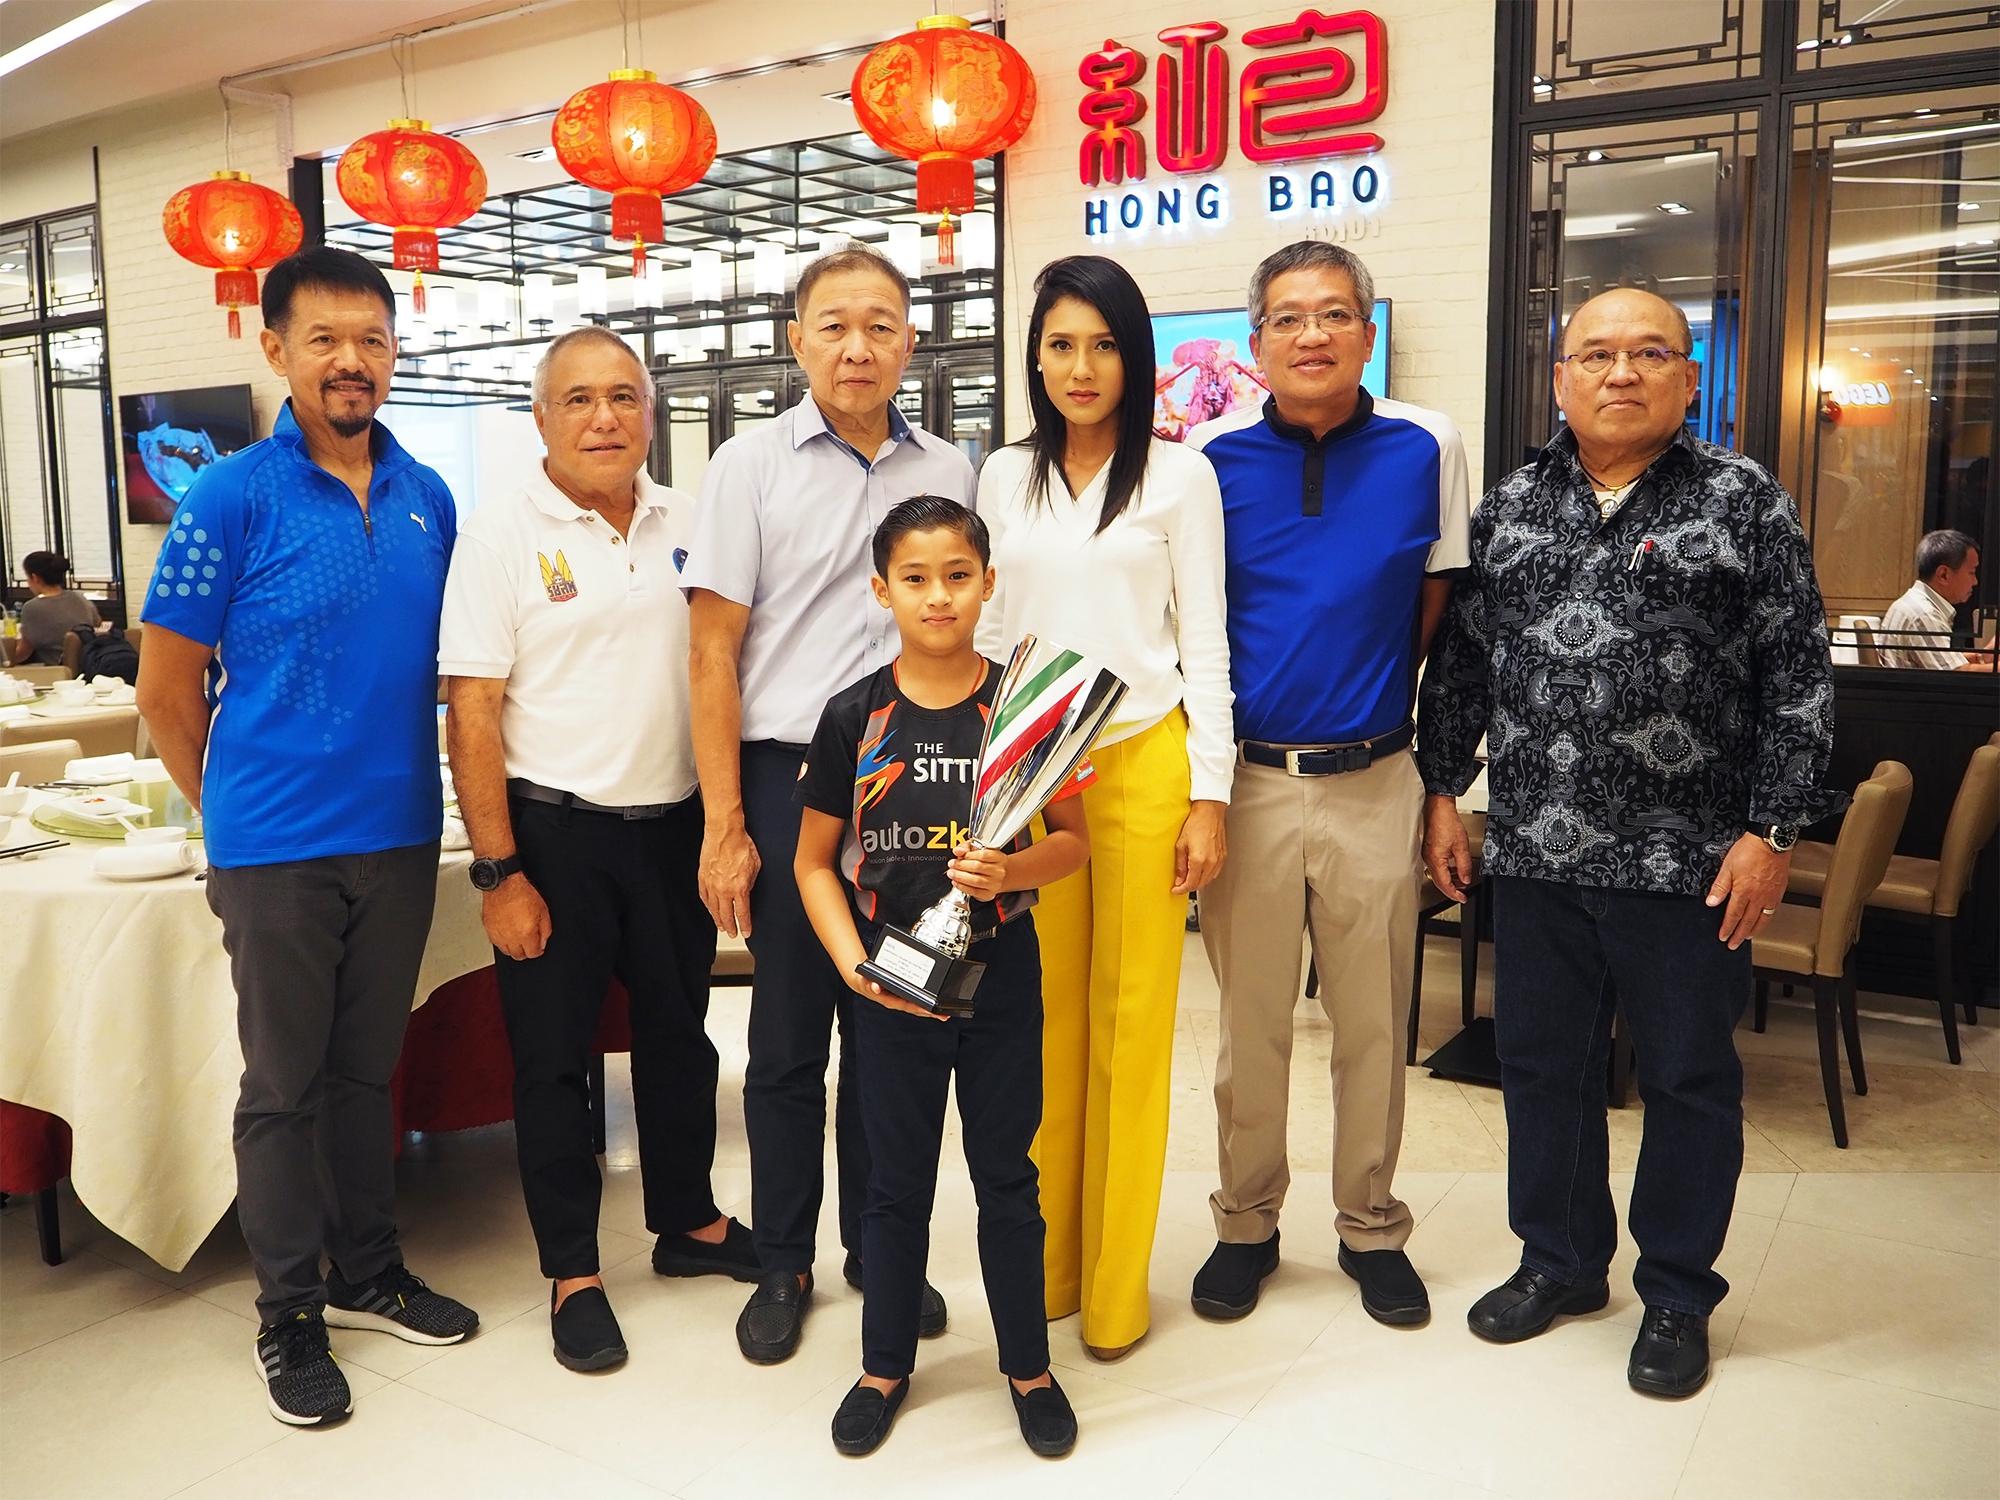 """กลุ่มสิทธิผล จัดงานเลี้ยงแสดงความยินดีให้ """"เอ็นโซ่""""  นักแข่งคาร์ทเยาวชนชาวไทย"""